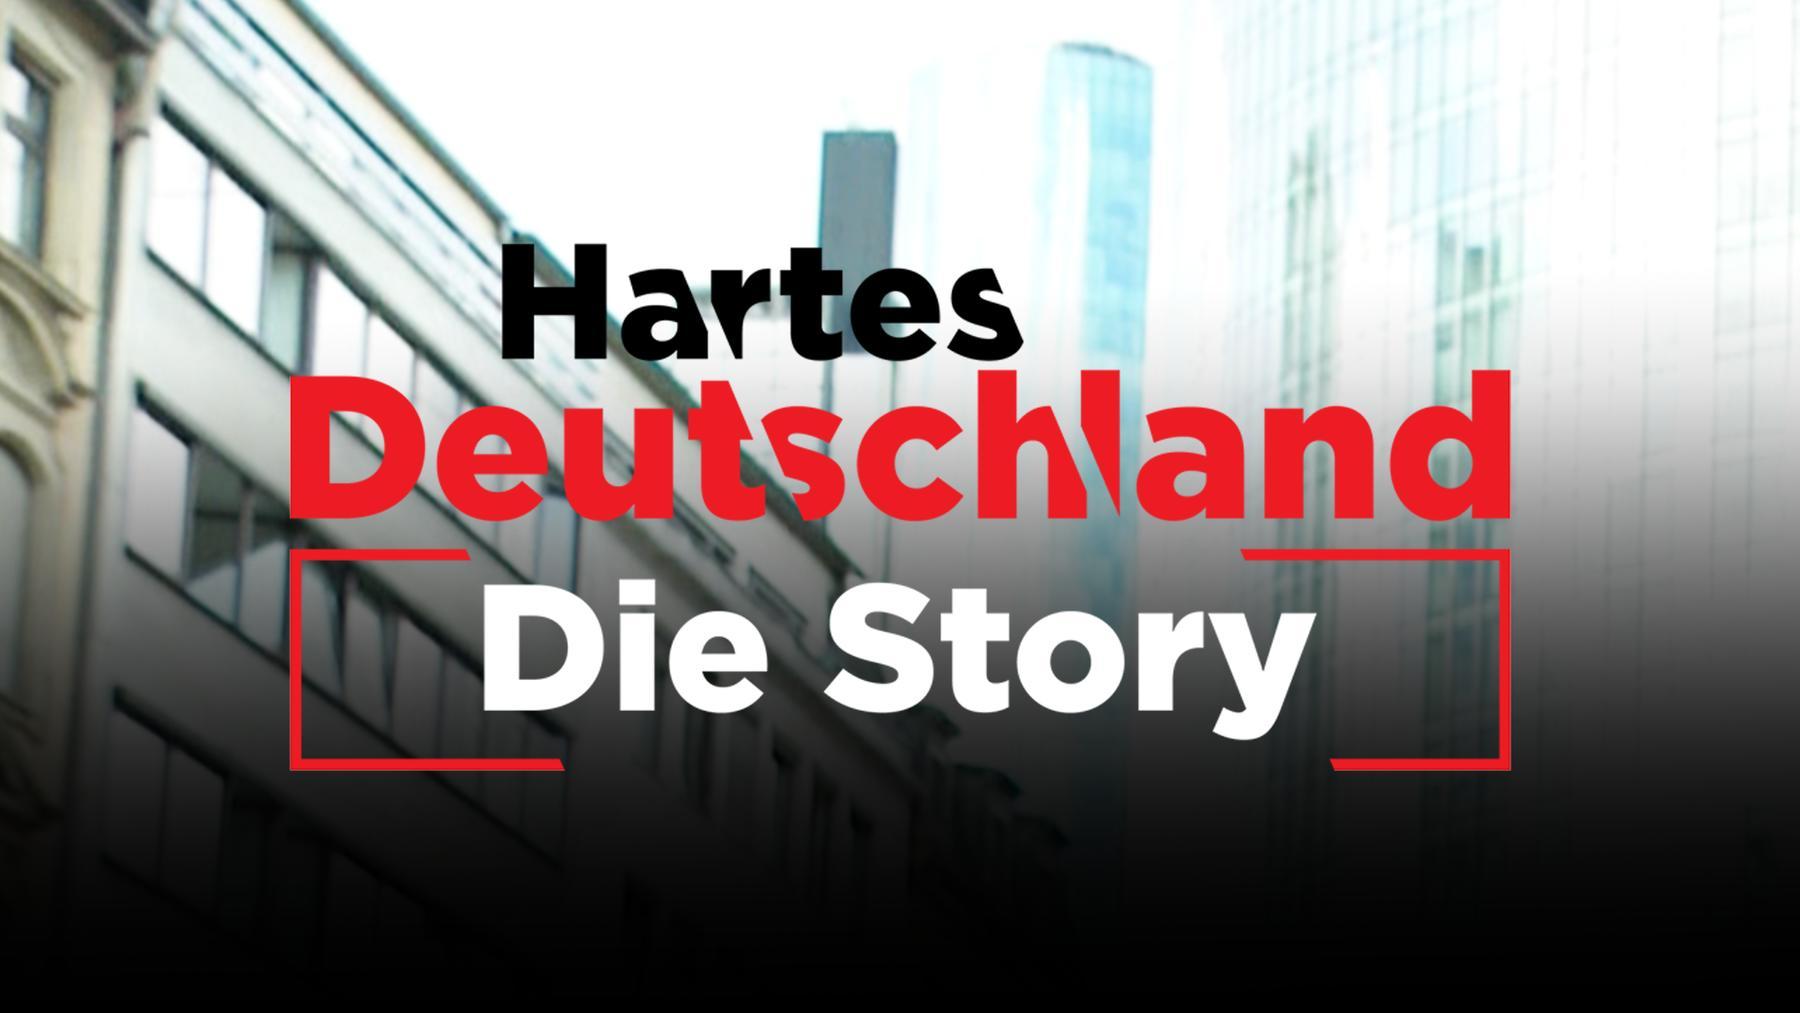 Hartes Deutschland - Die Story